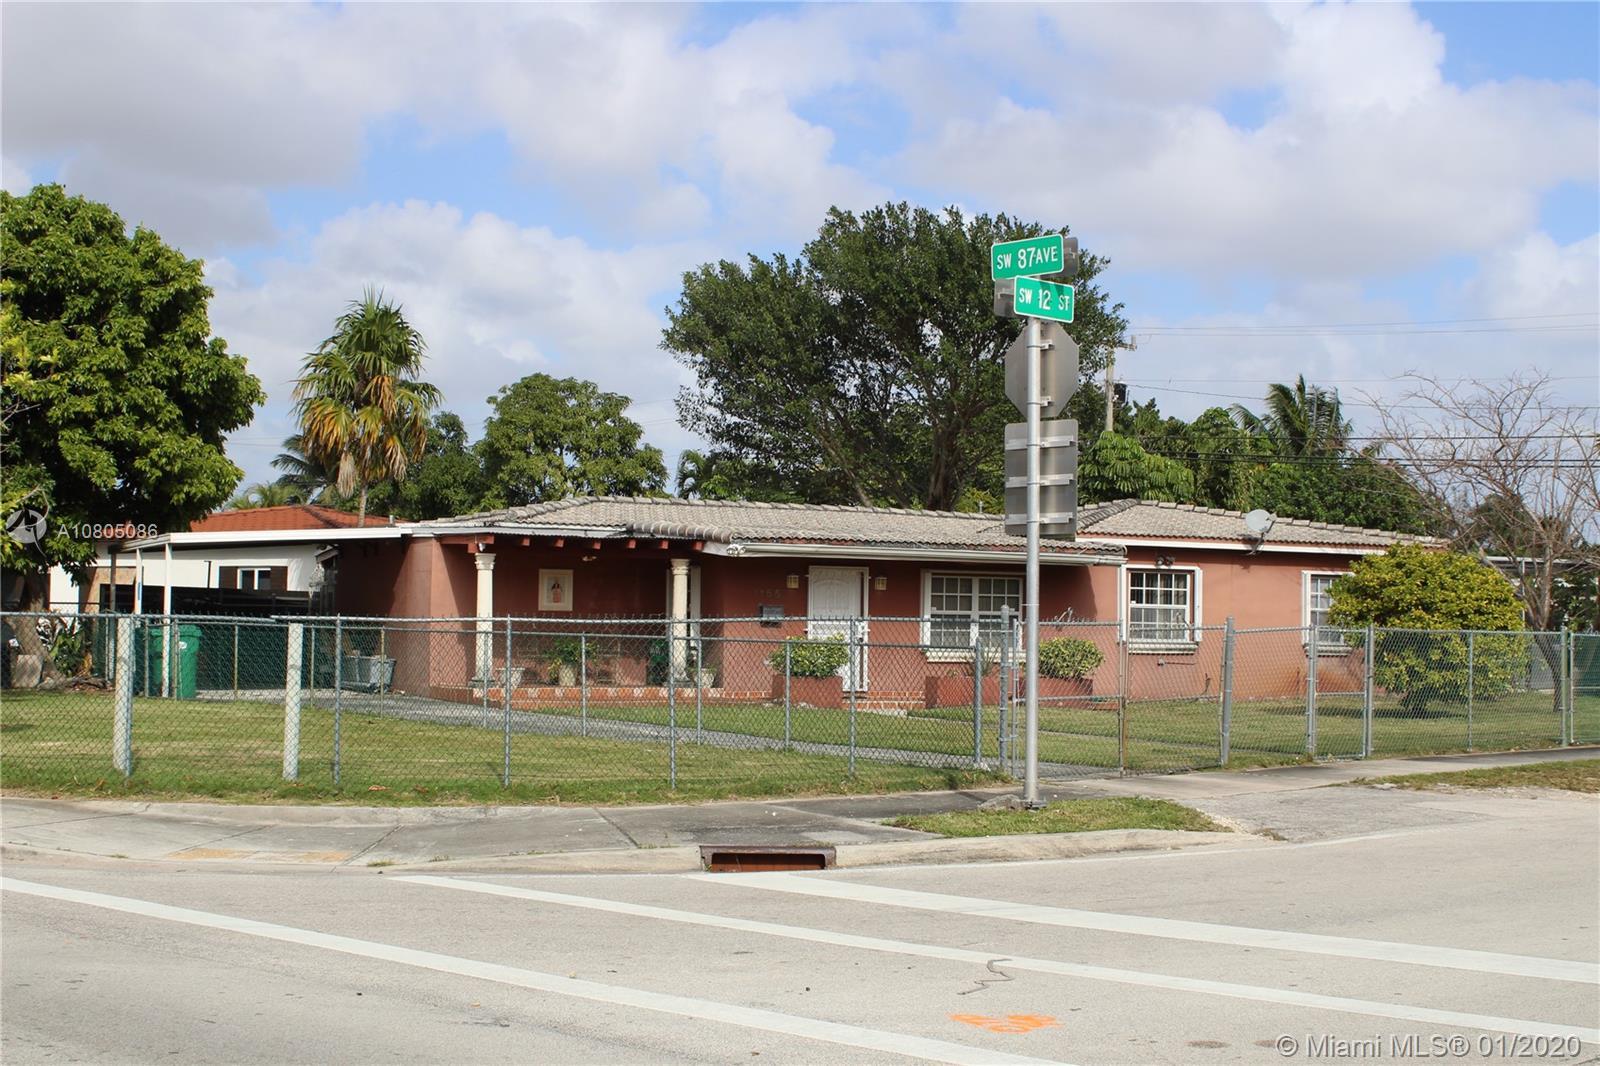 1155 SW 87th Ave, Miami, FL 33174